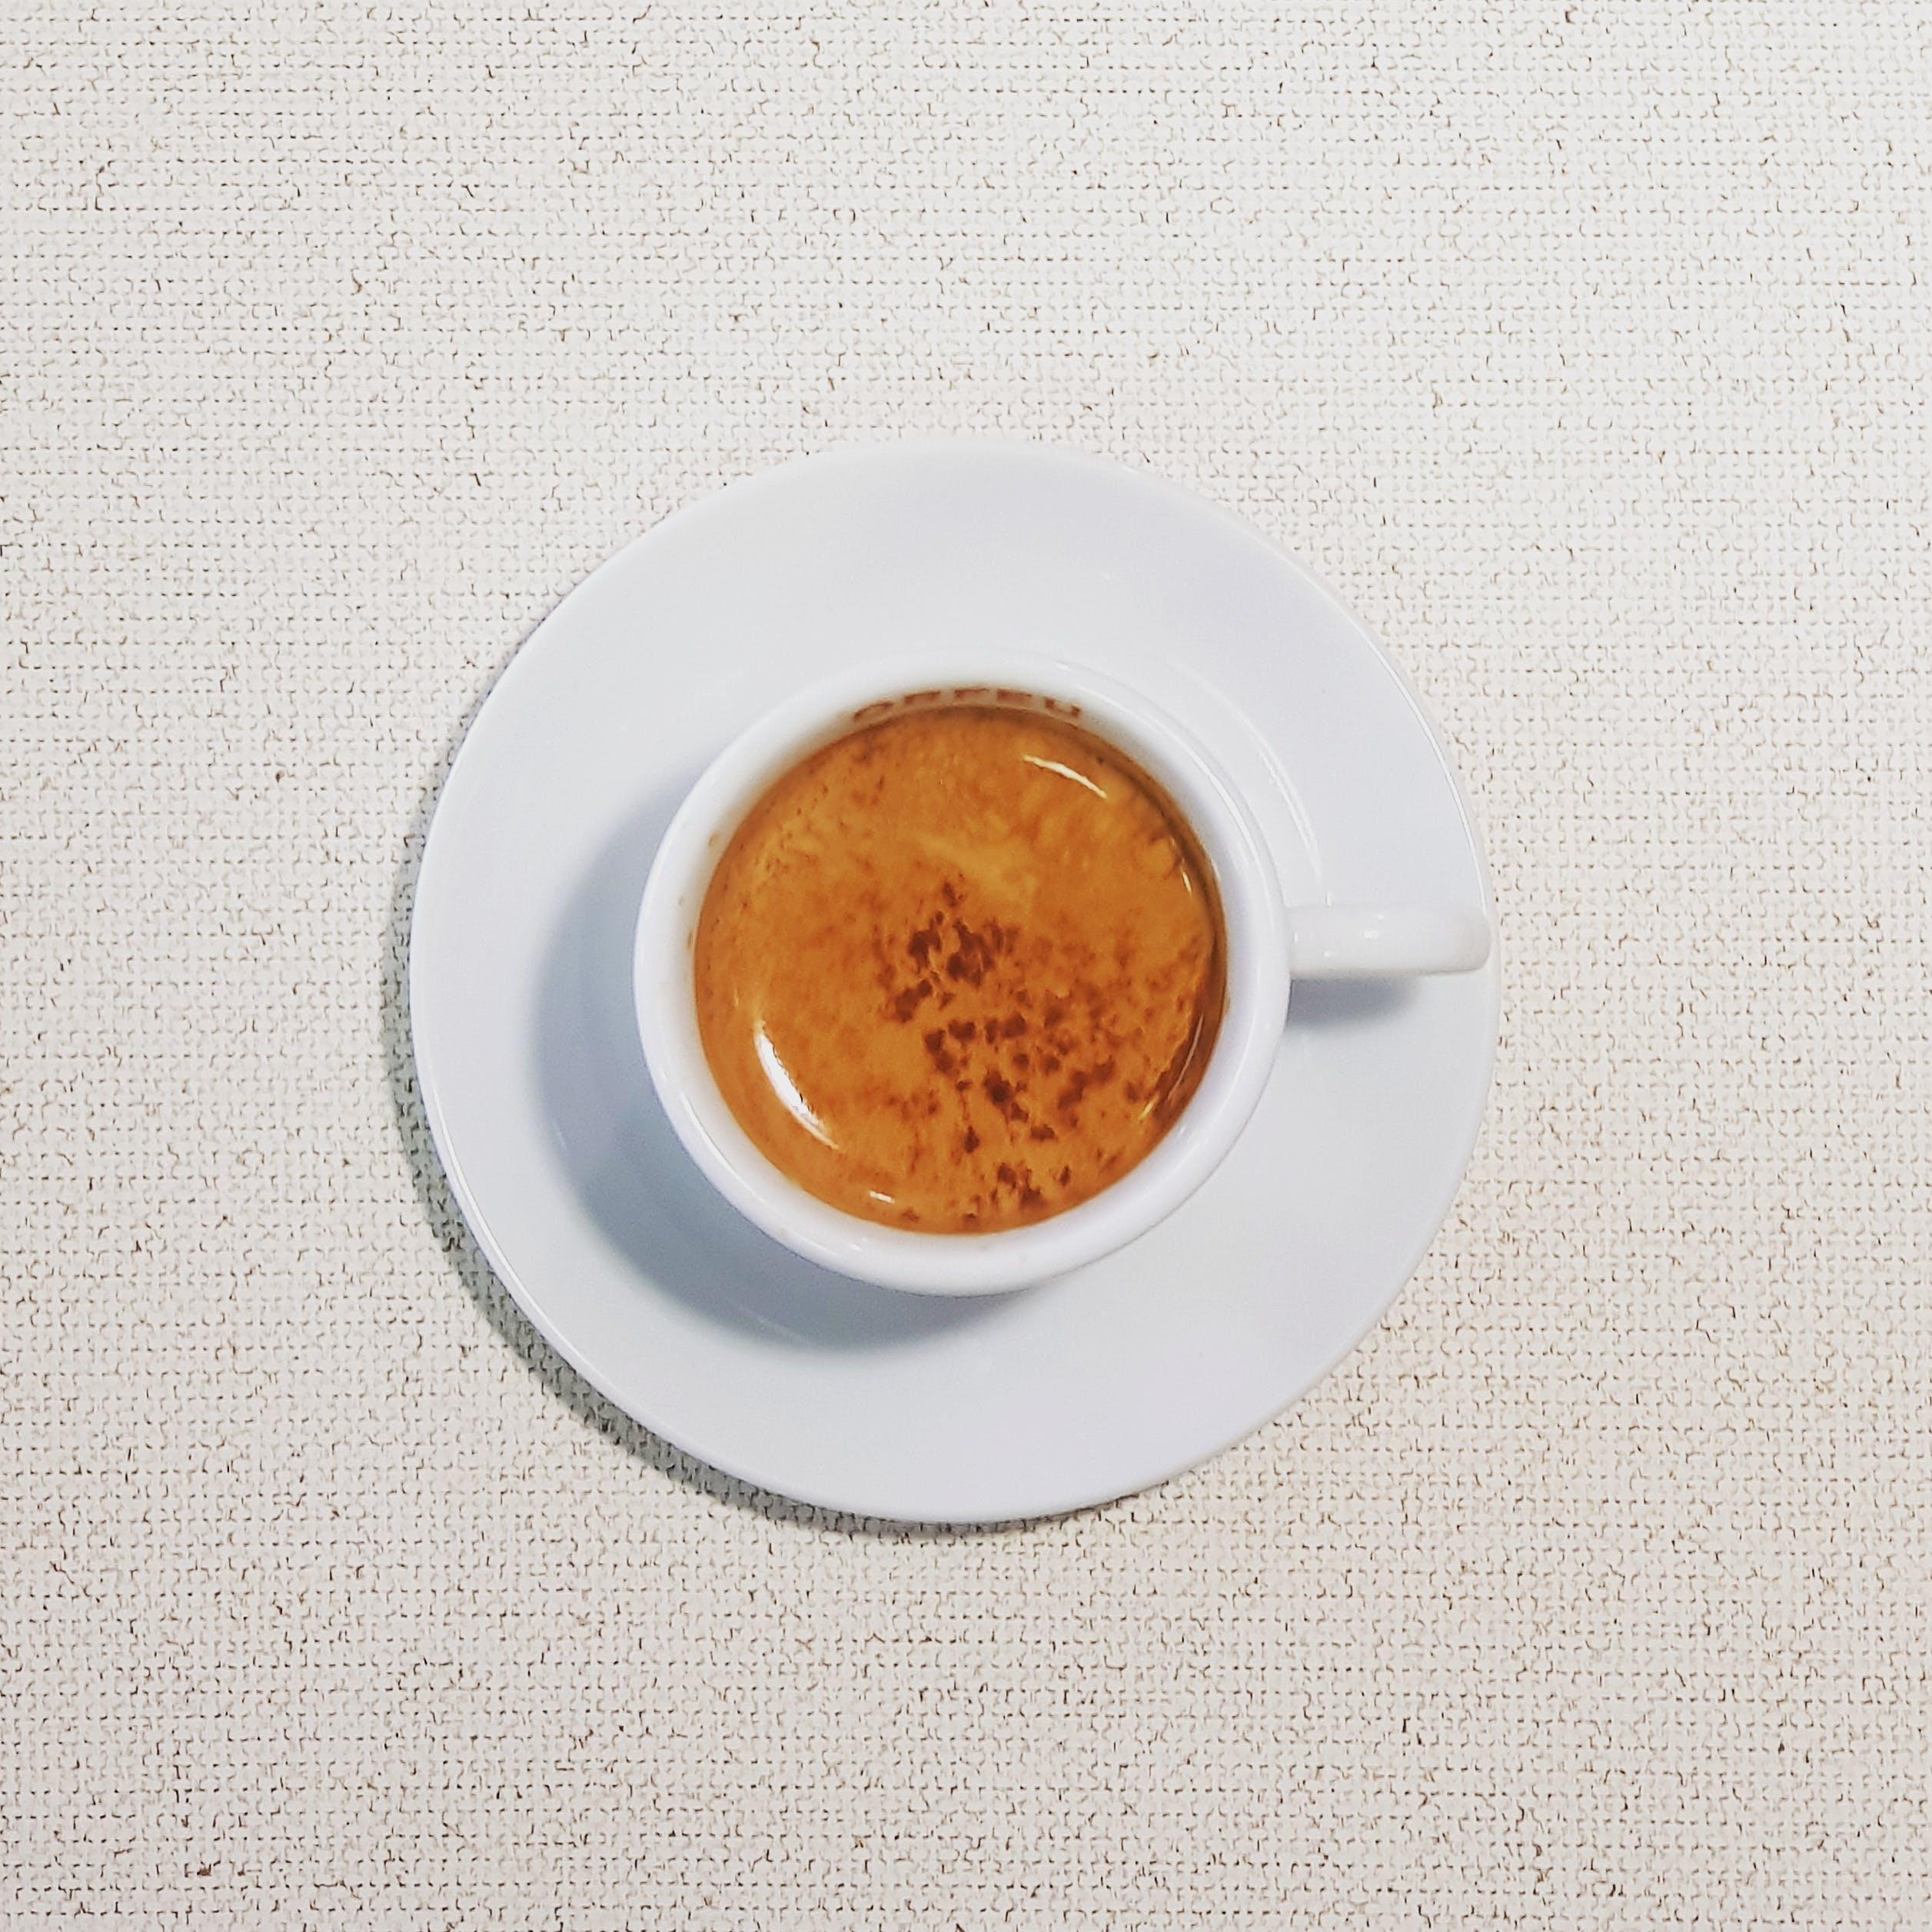 Δωρεάν στοκ φωτογραφιών με εσπρέσο, καφές